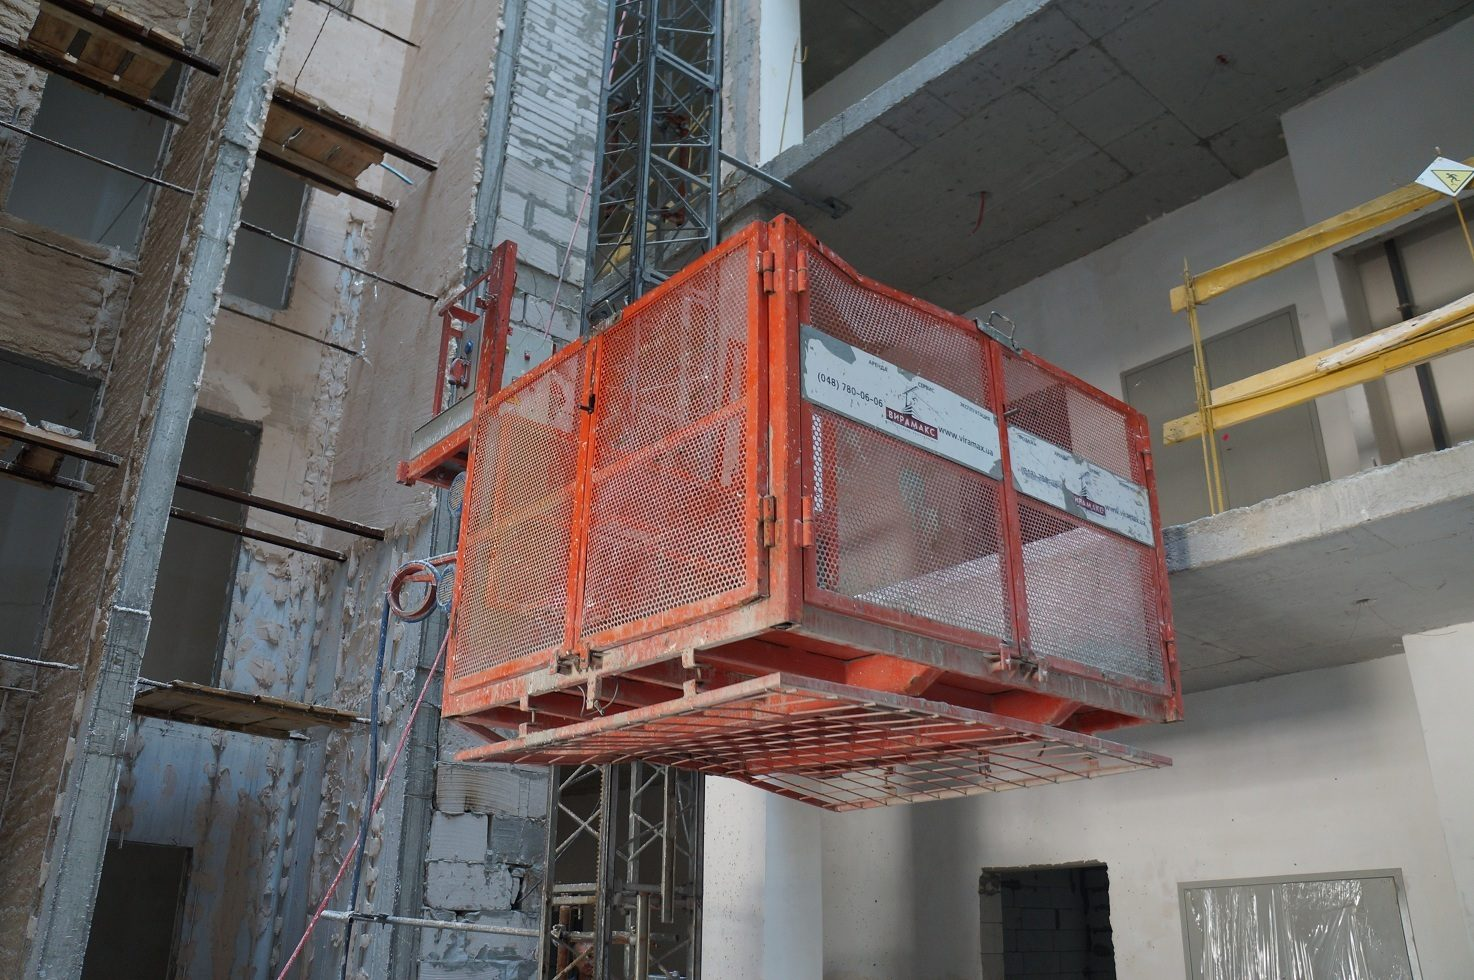 г. Одесса, Коста фонтана. Мачтовый грузовой подъёмник IZA 1500